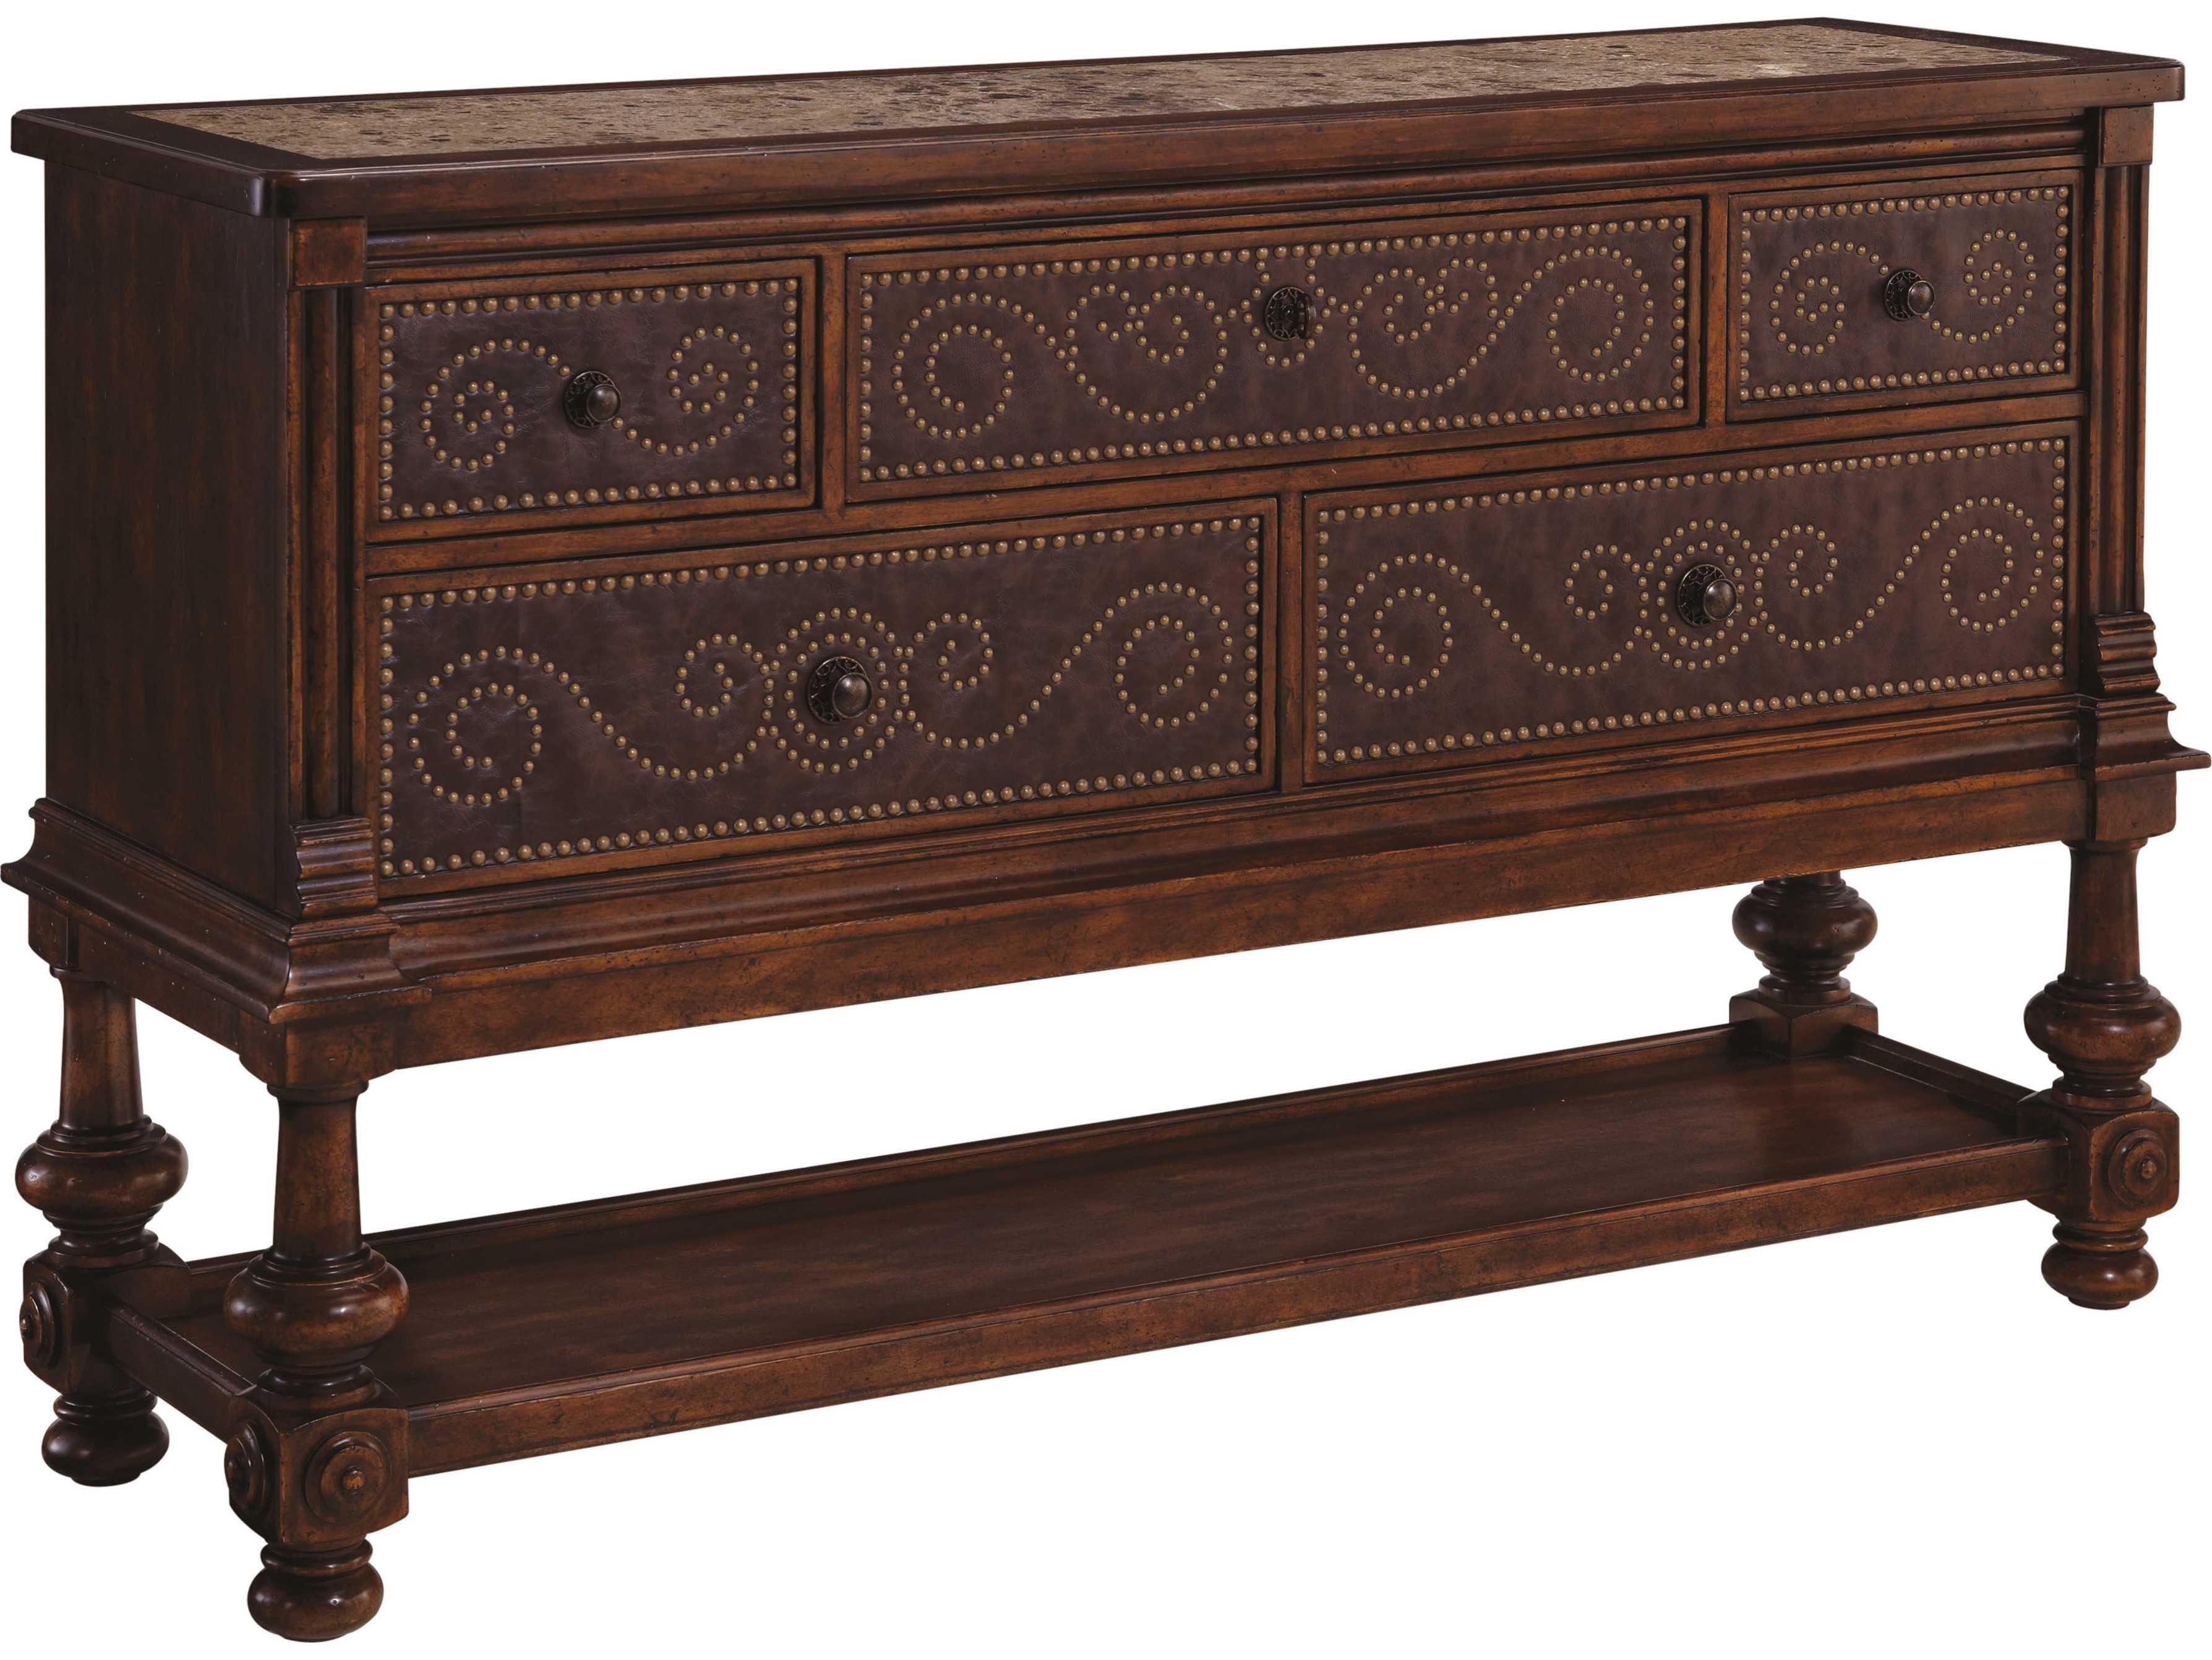 ART Furniture Whiskey Dark Oak 66 5 39 39 L X 21 39 39 W Rectangular